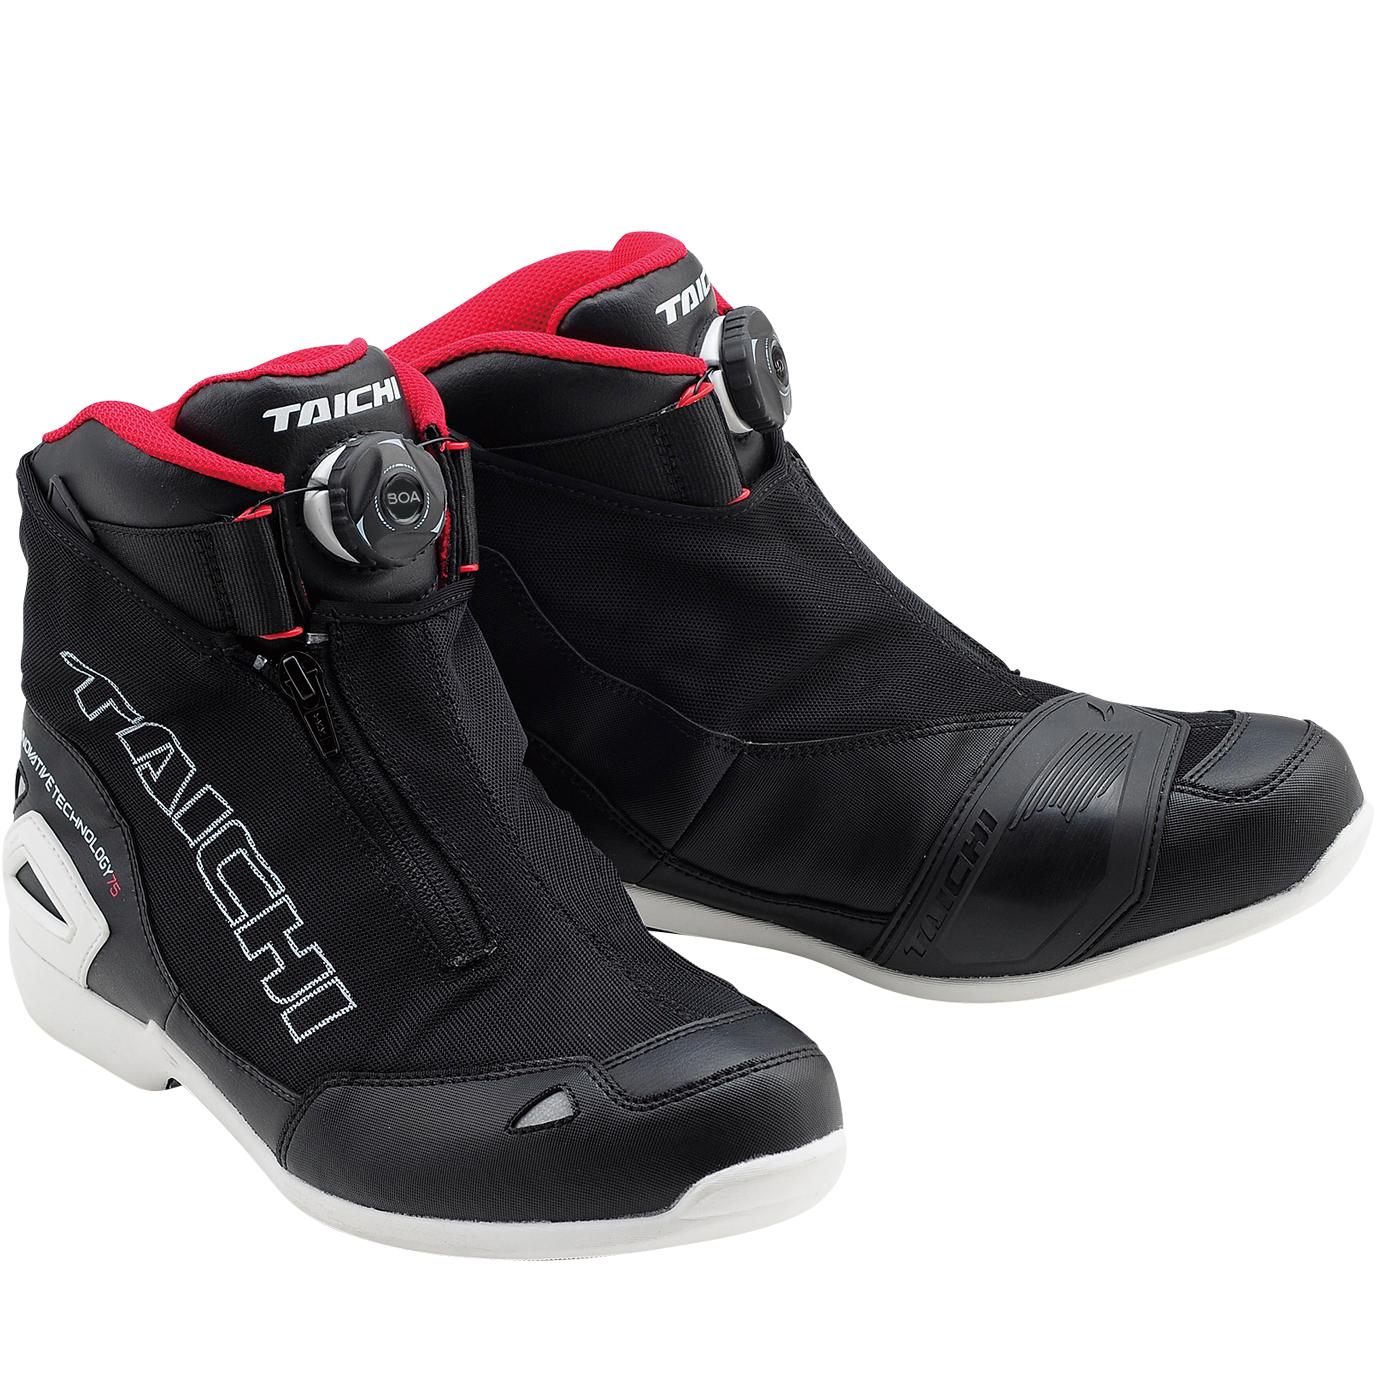 アールエスタイチ RSS008 Boaラップエアーライディングシューズ スニーカー 靴 メッシュ 春夏用 ブラック/ホワイト ◆全4色◆